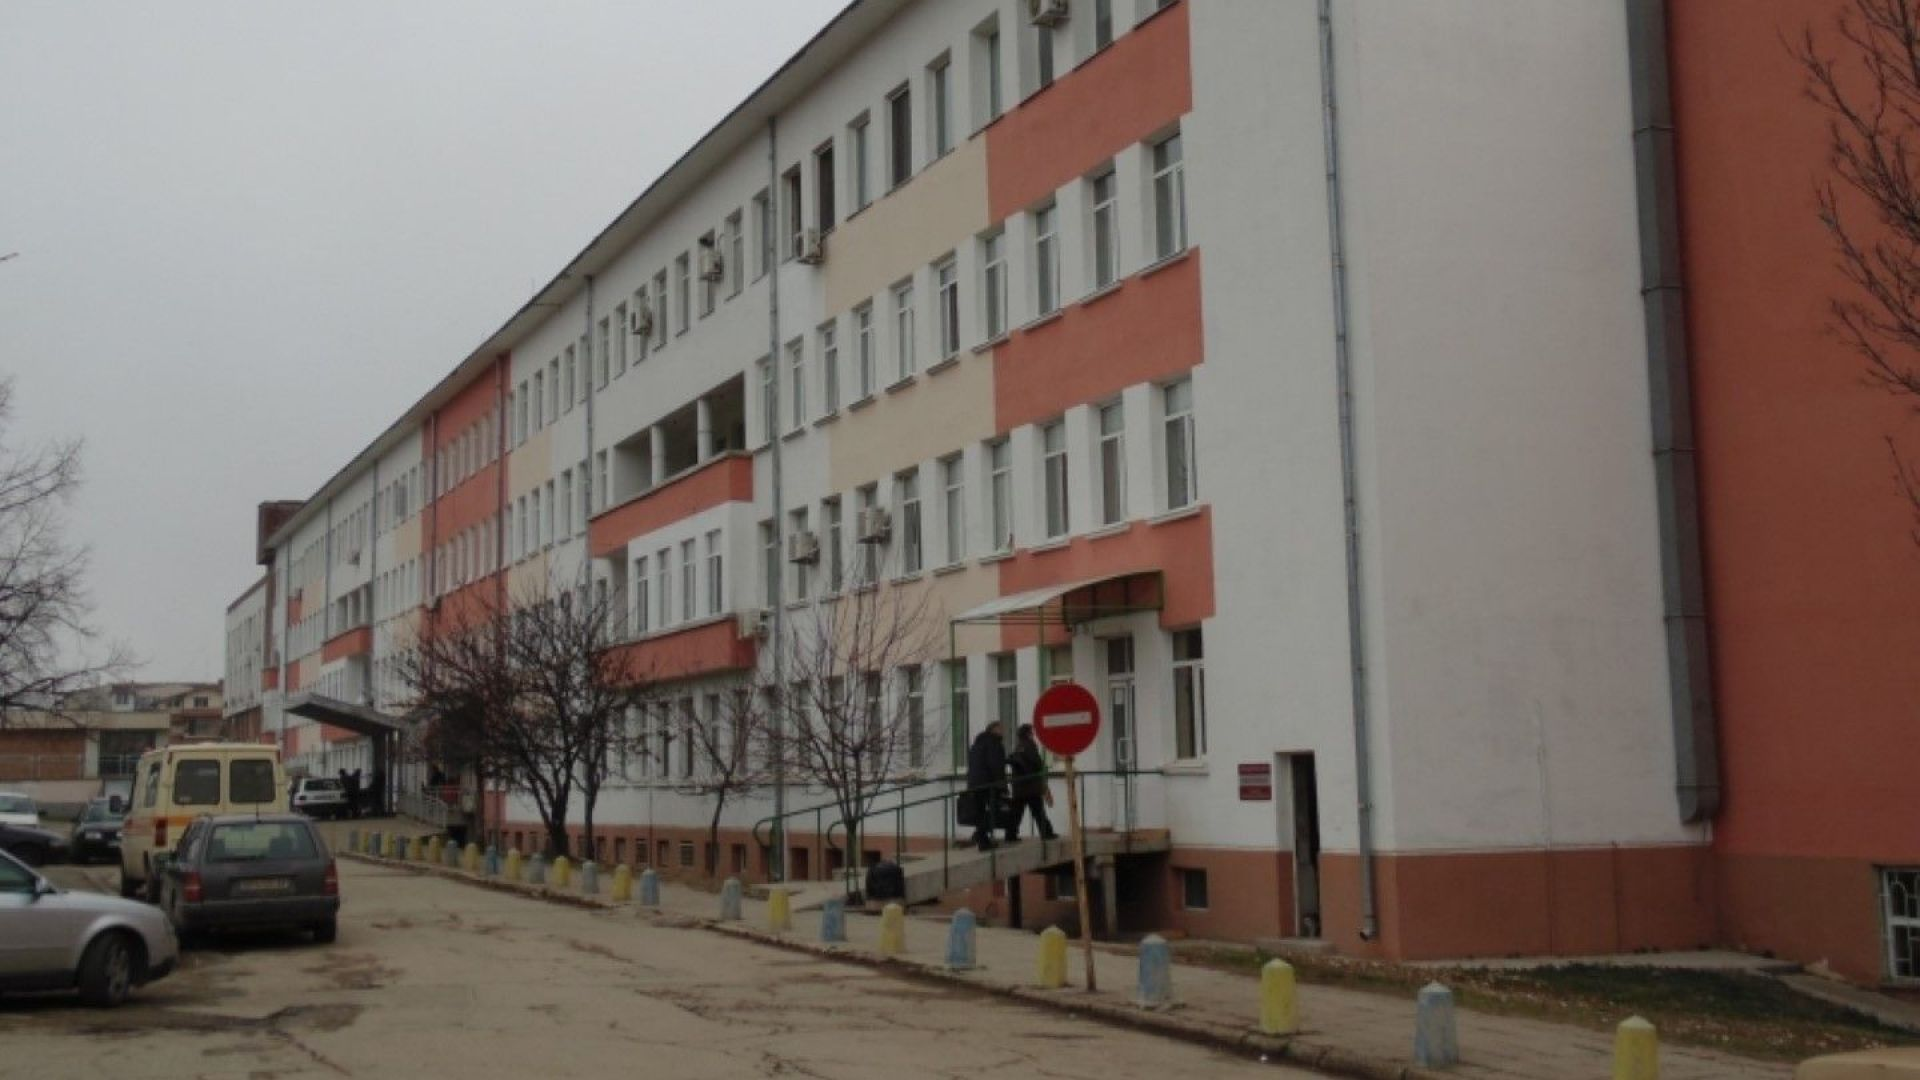 Софийска градска прокуратура (СГП) внесе в Специализирания наказателен съд /СНС/